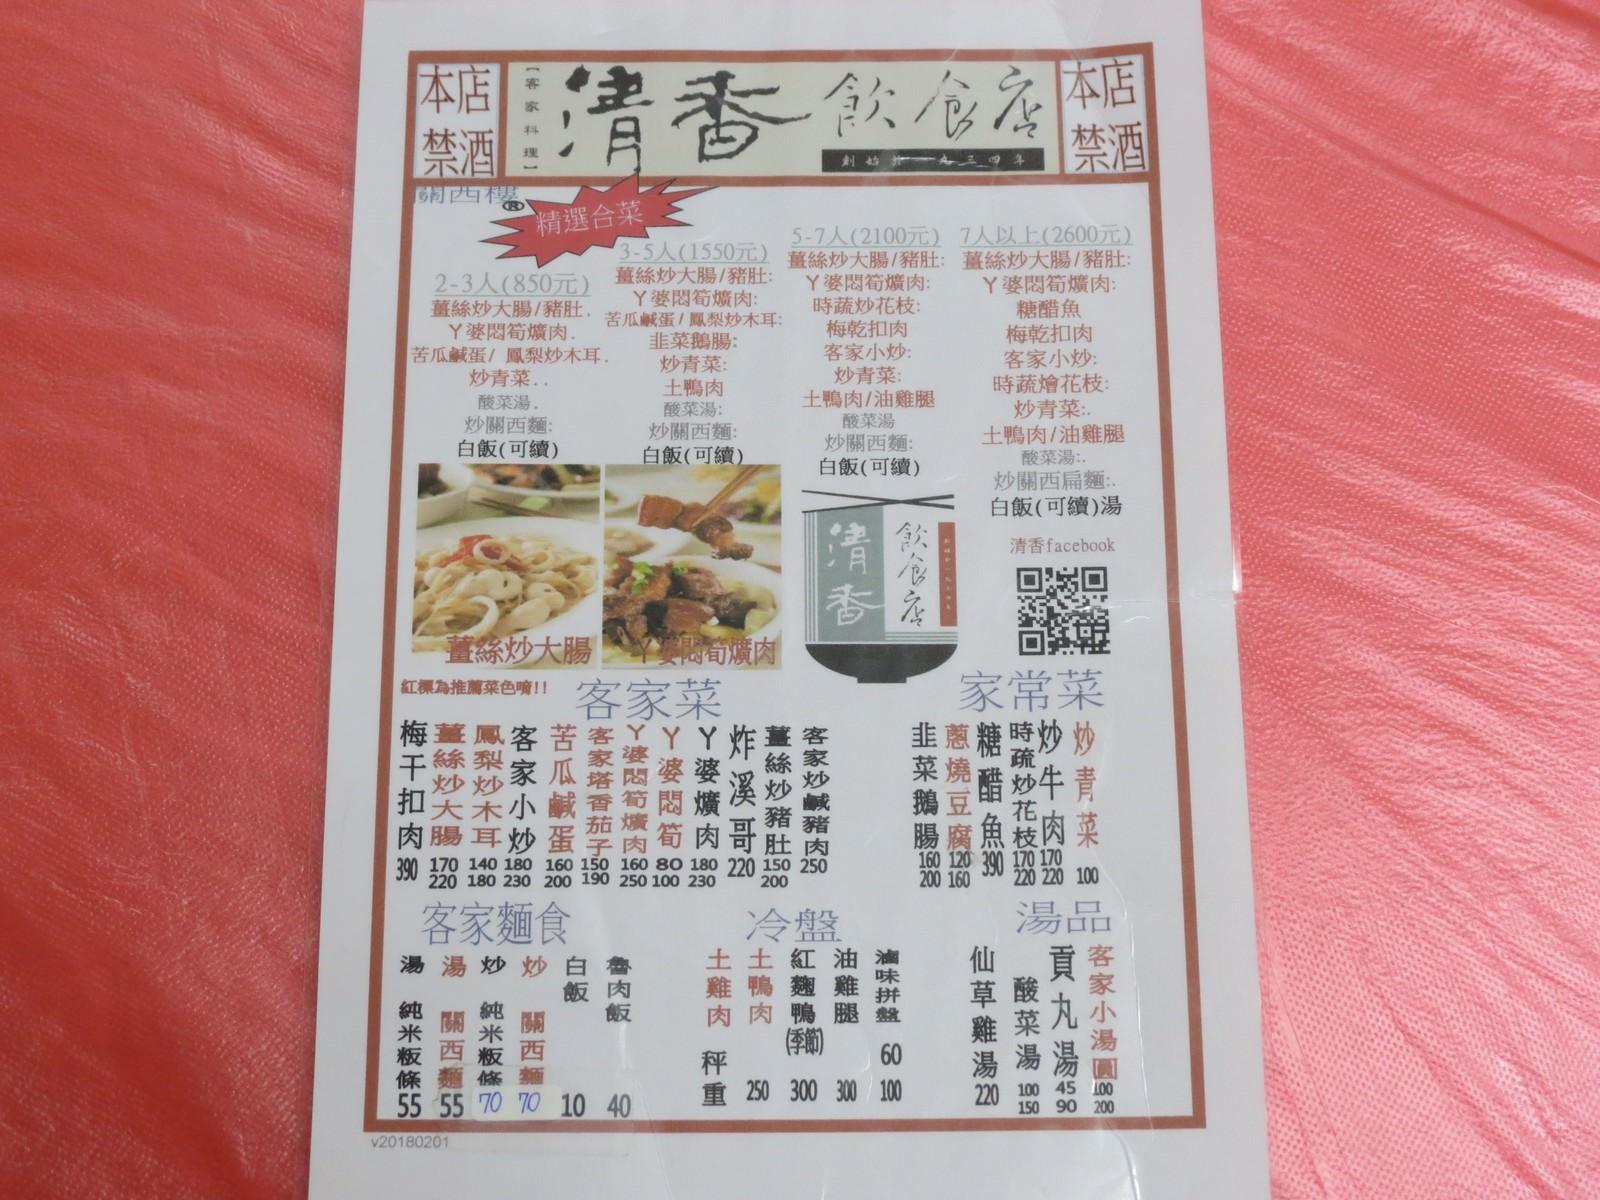 清香飲食店, 價目表/menu